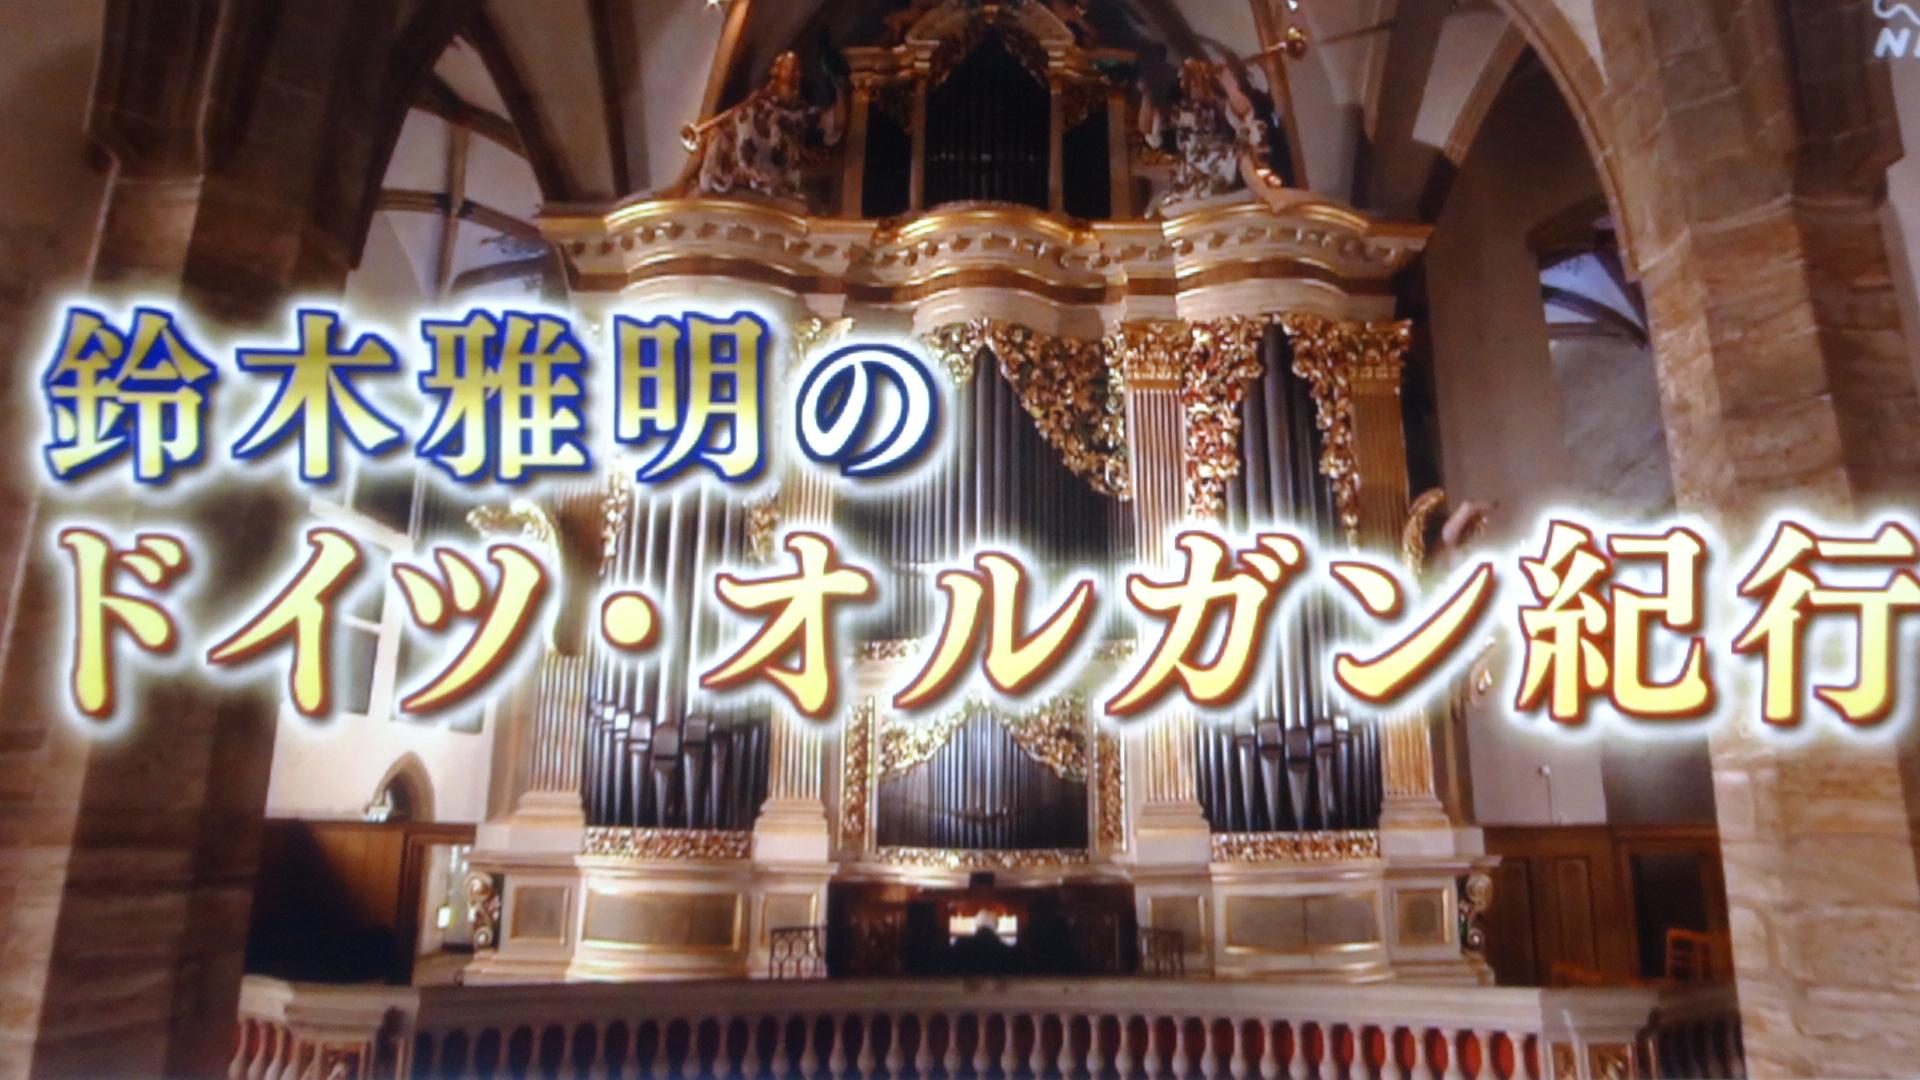 ドイツ・オルガン紀行の番組の画面